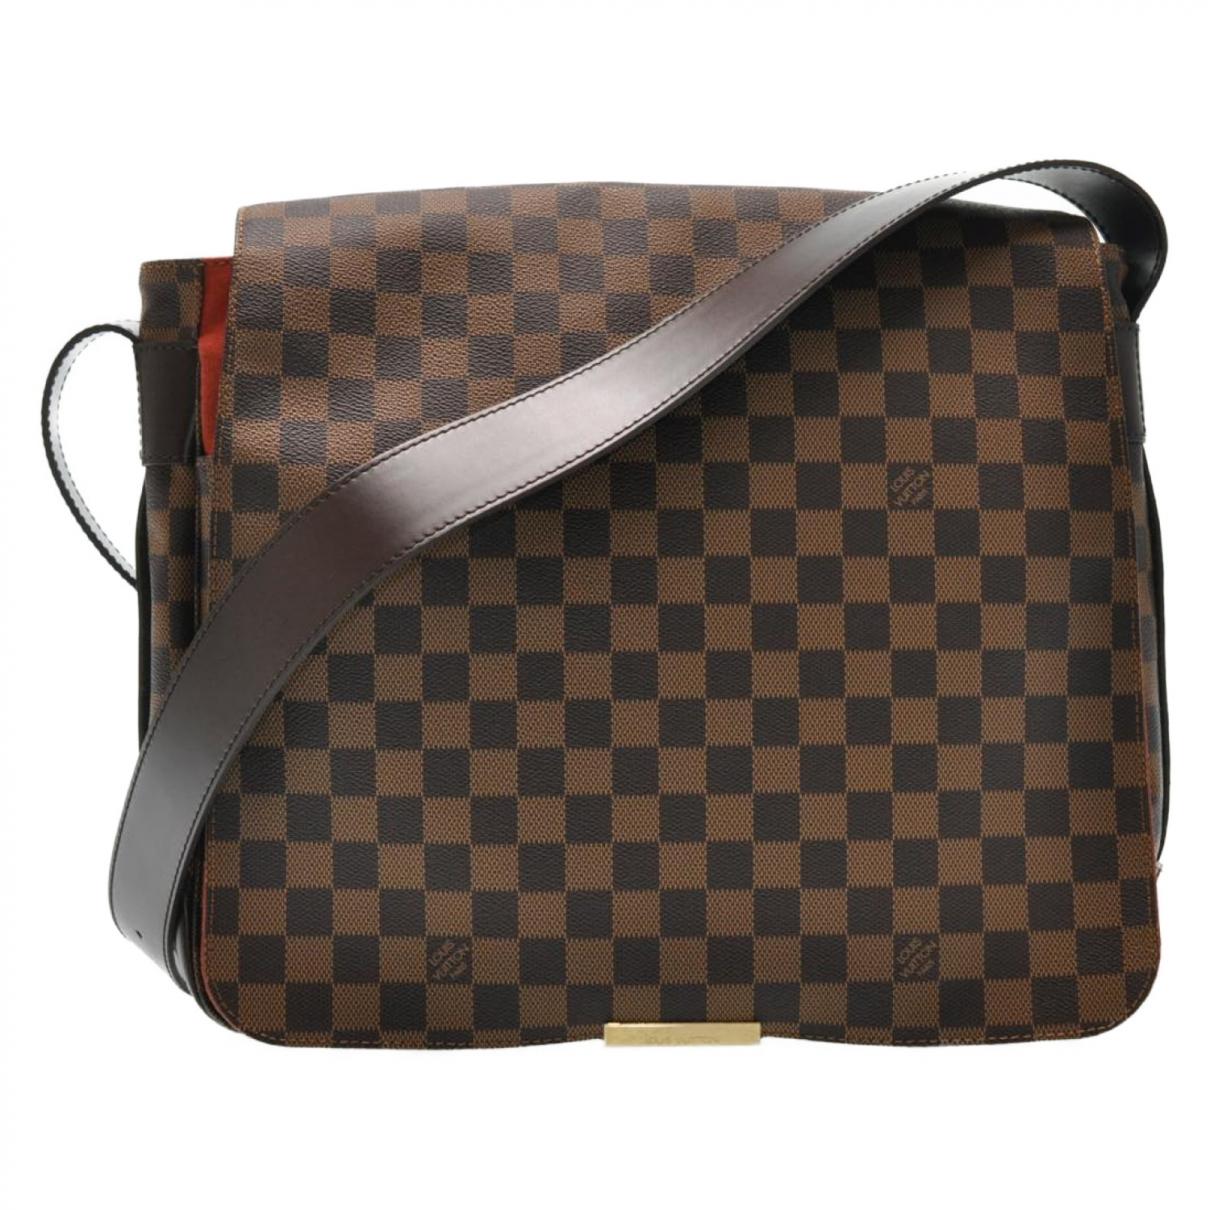 Bolso Bastille de Lona Louis Vuitton